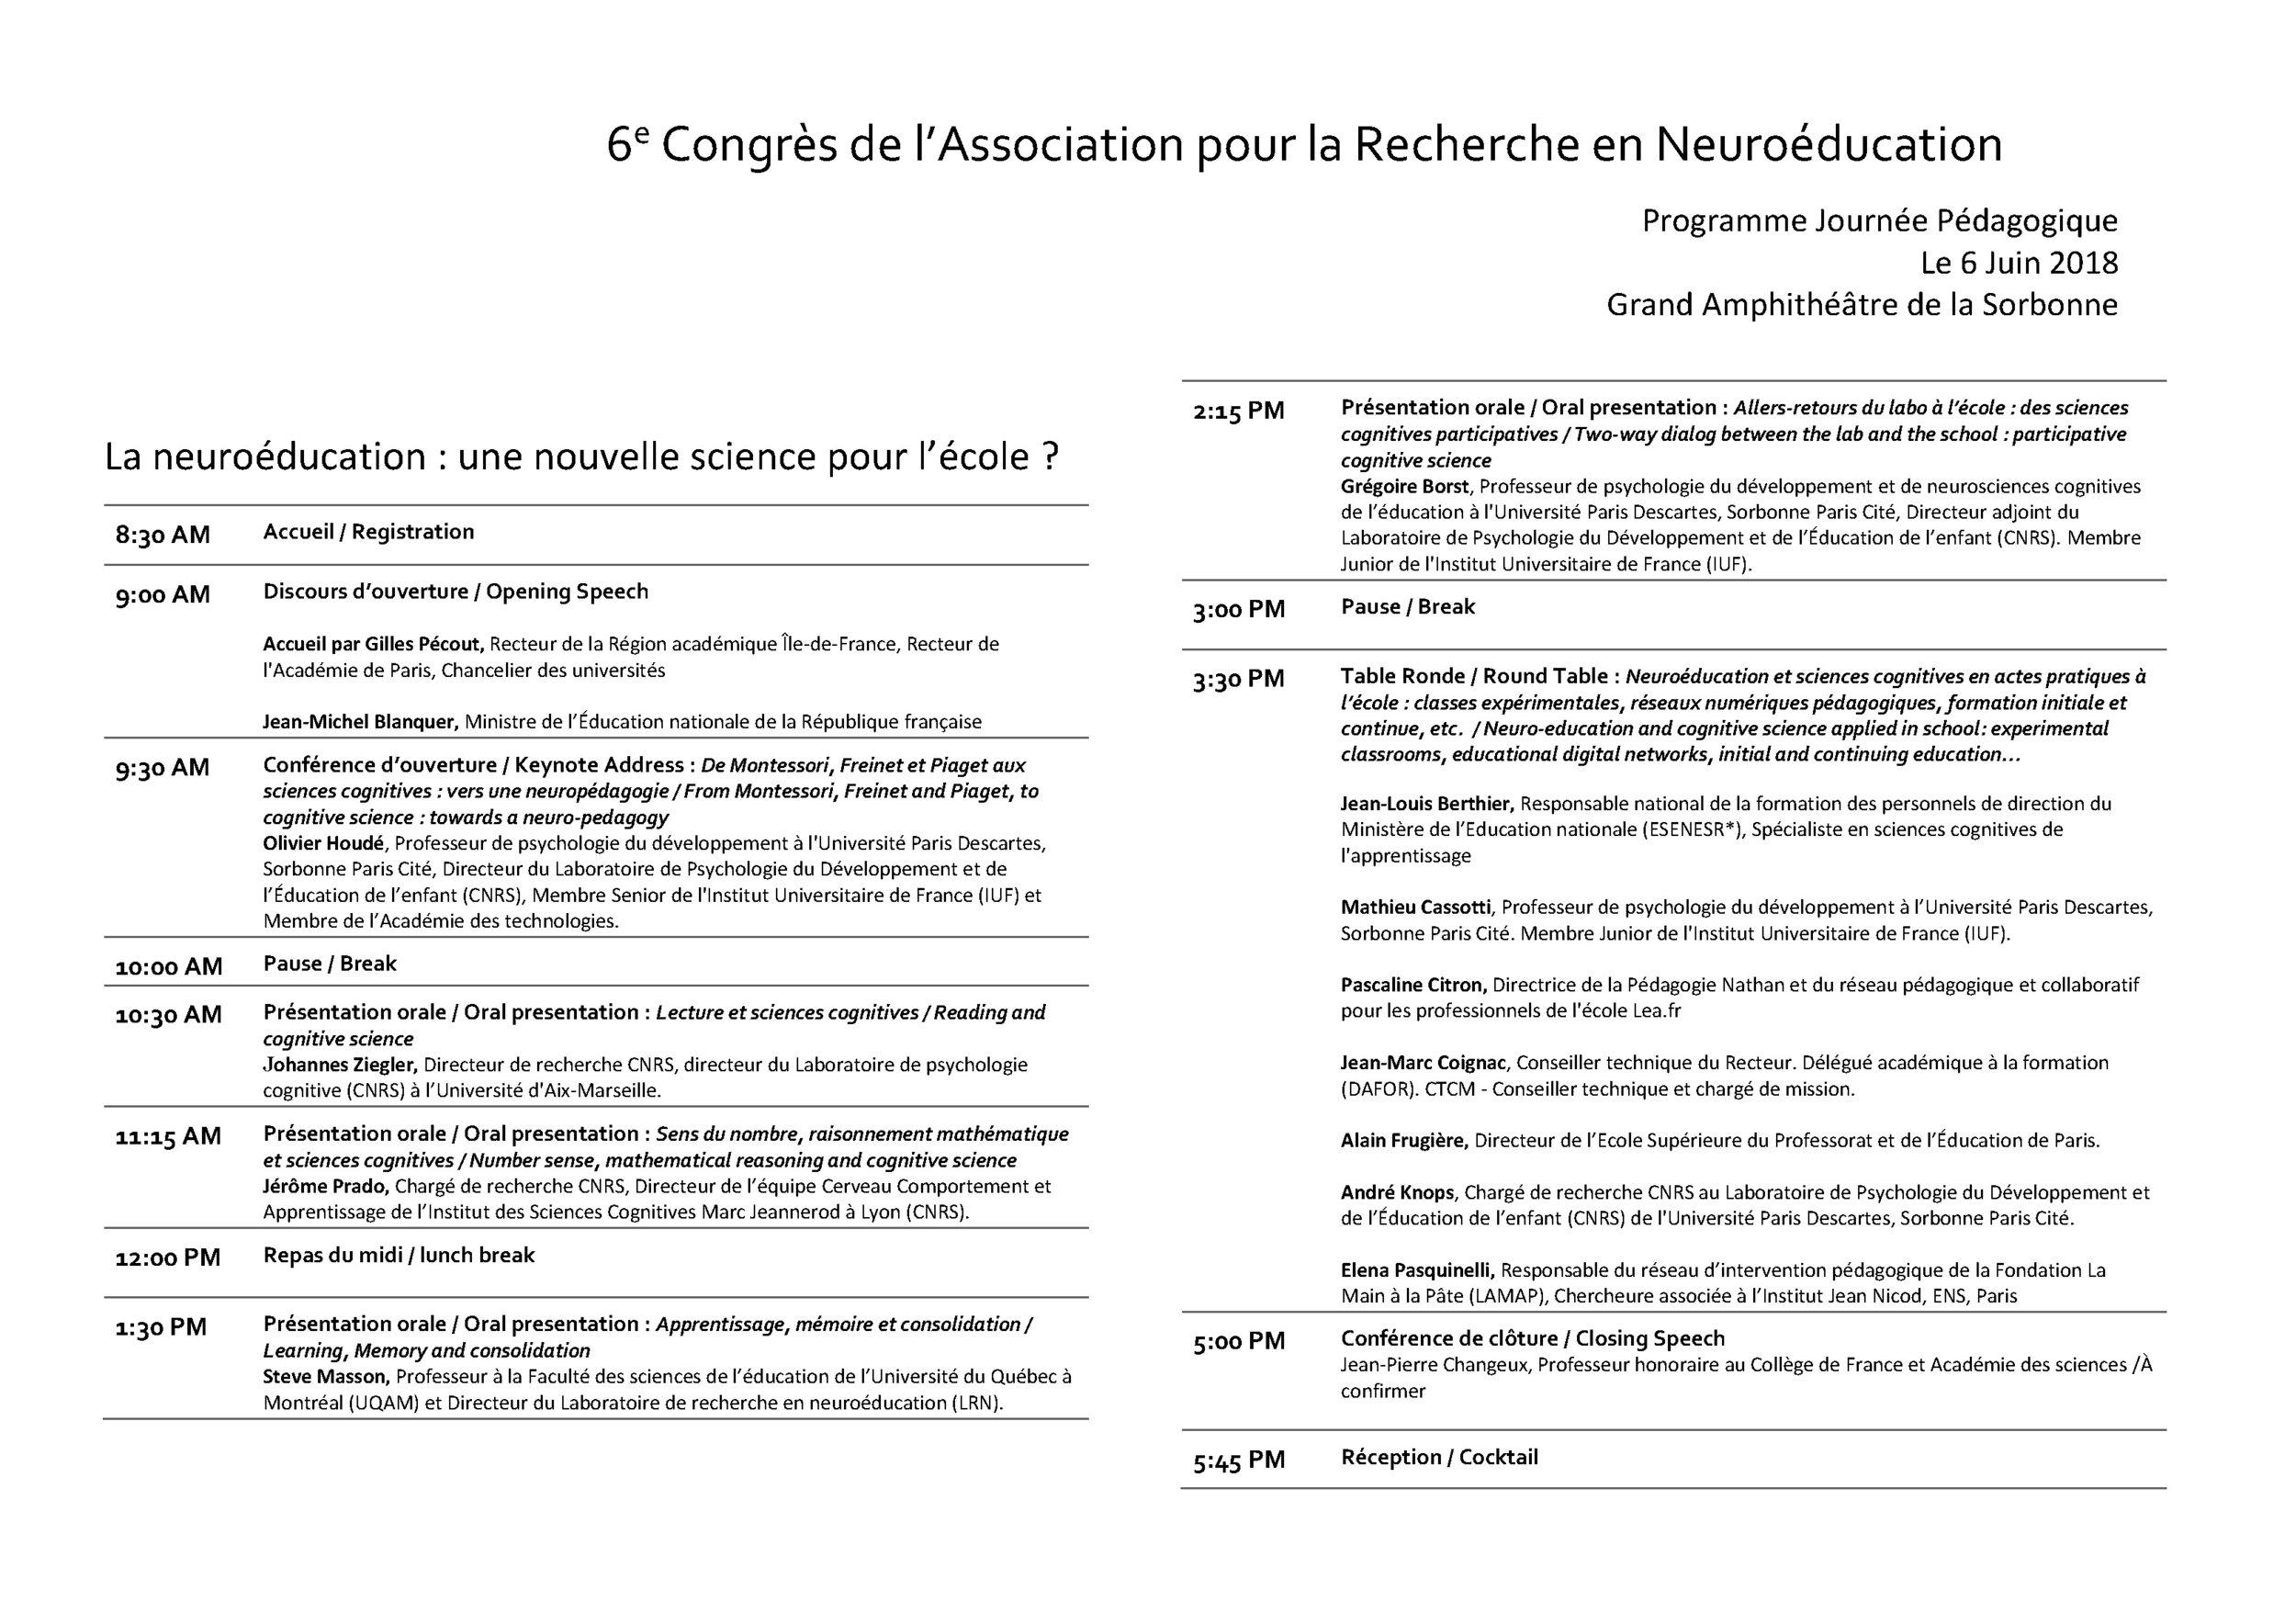 Programme_Journee_Pedagogique_ARN_6juin2018.jpg